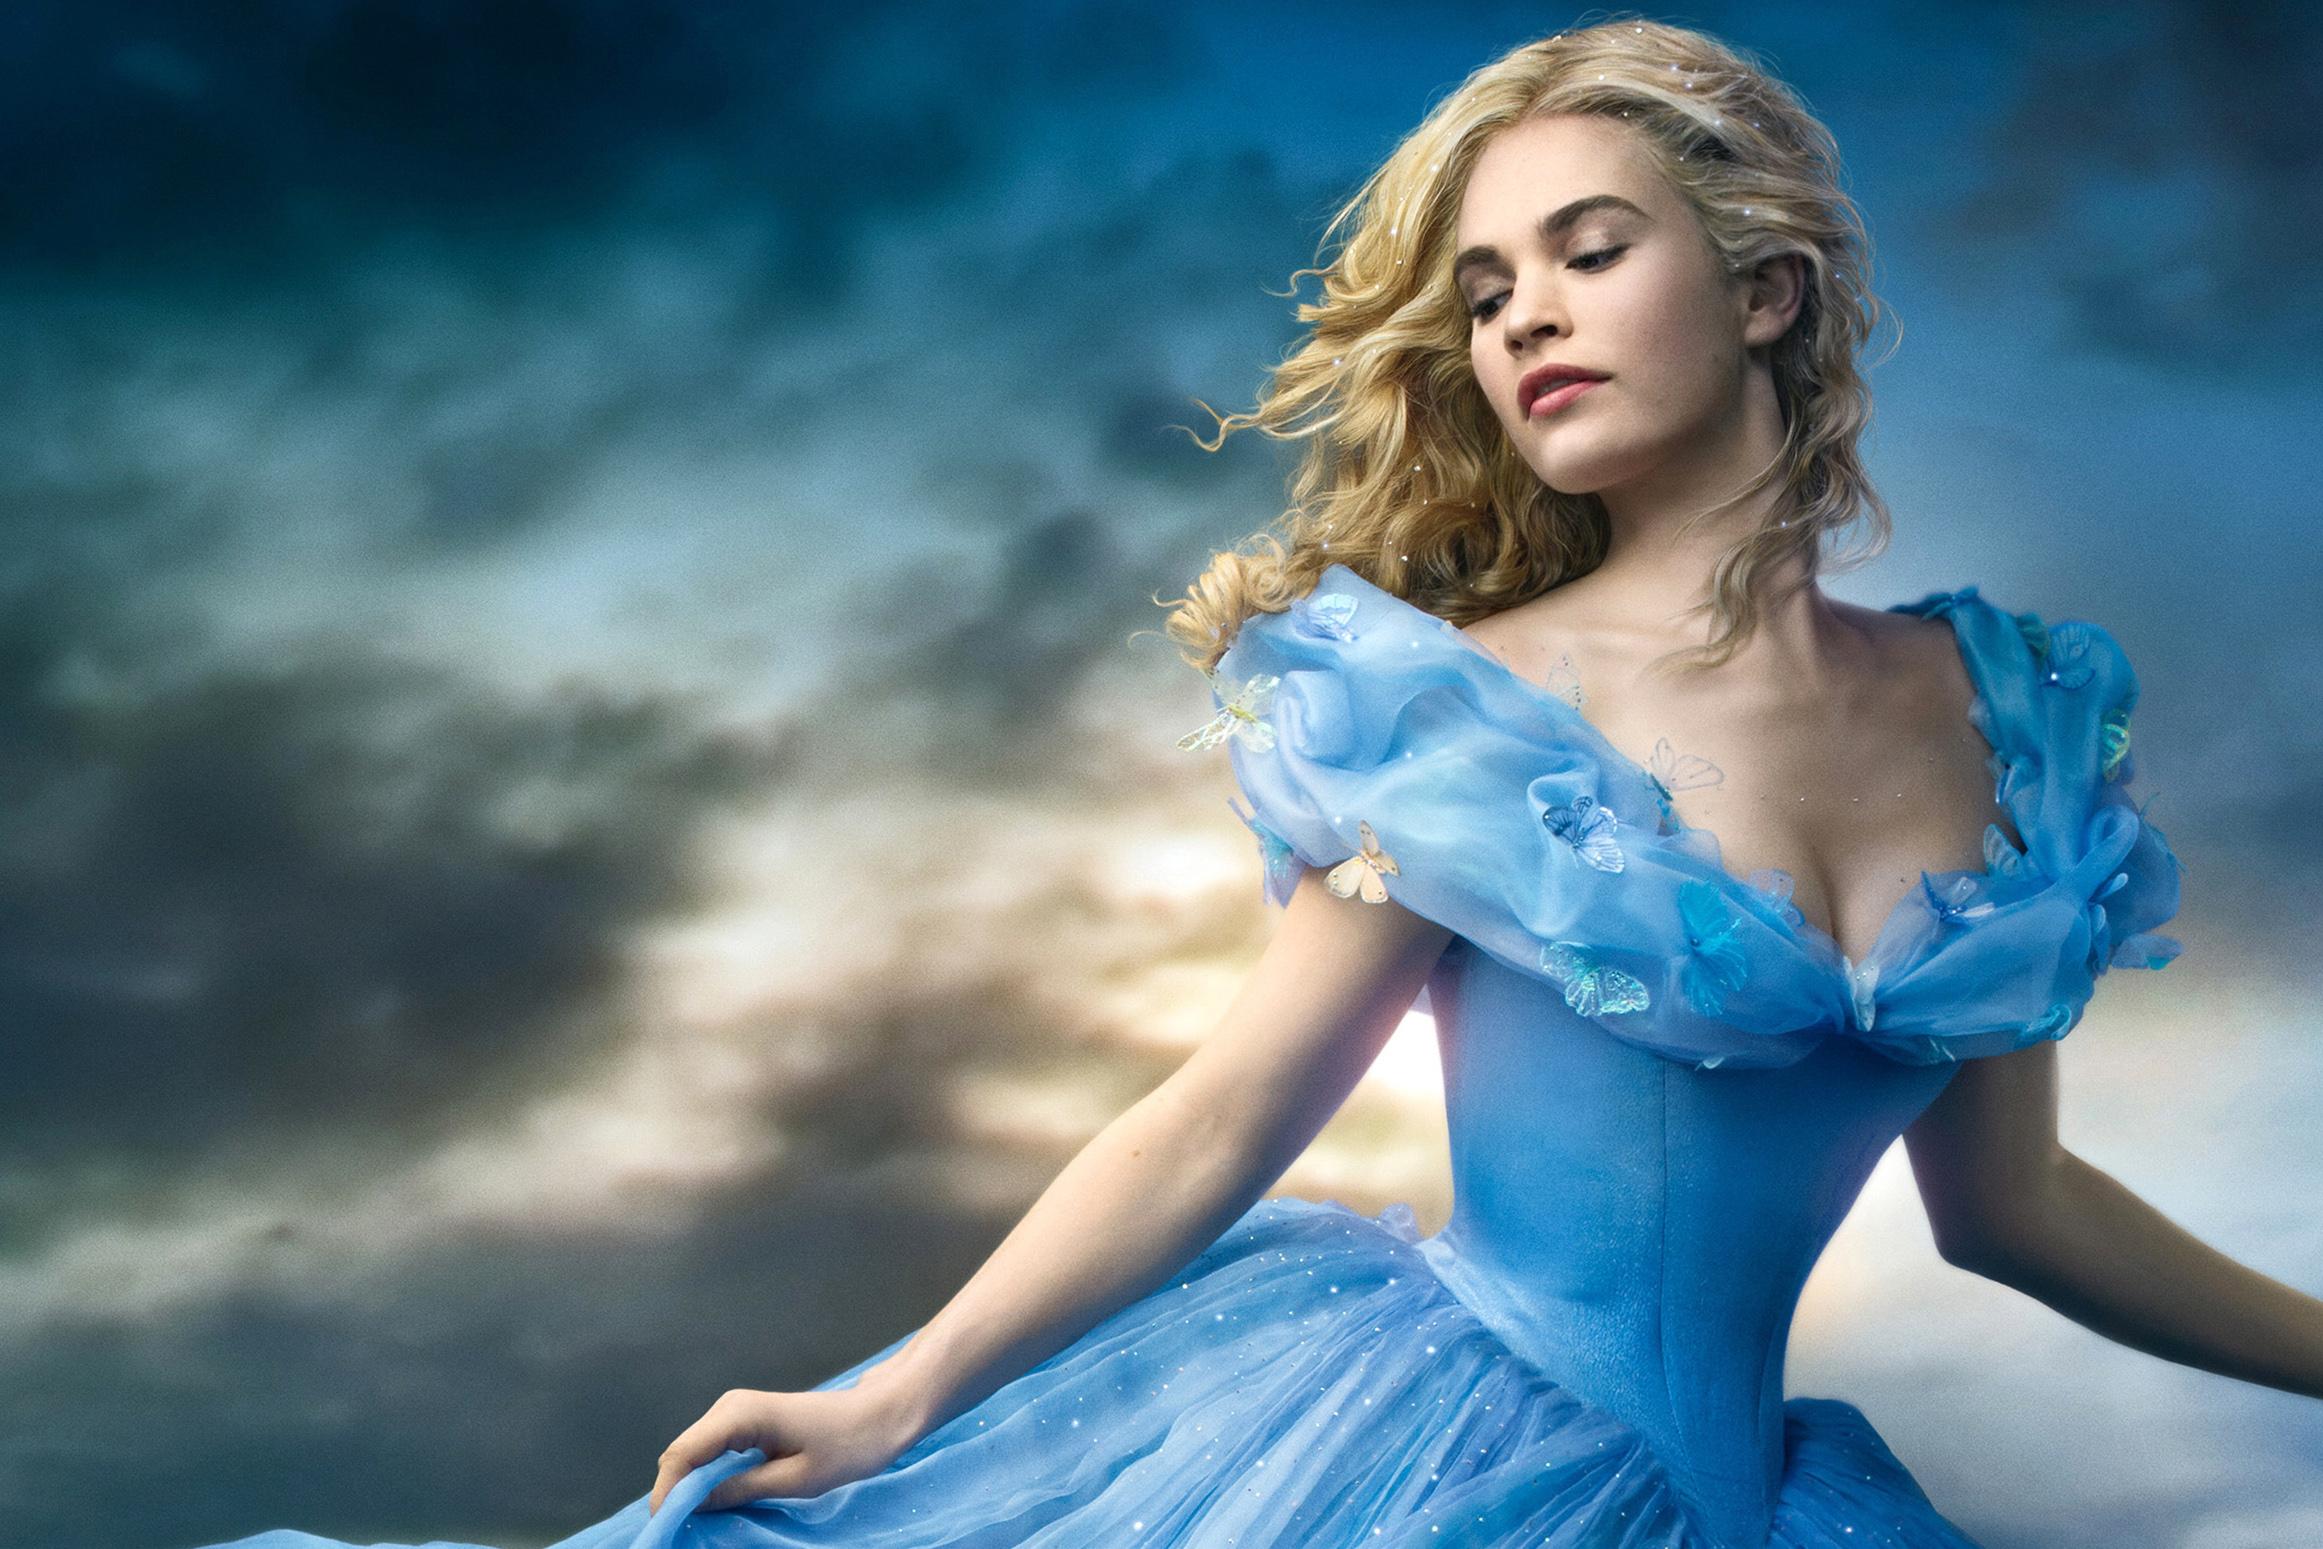 Cinderela inspira nova coleção da M.A.C, que será lançada no dia 26 de fevereiro ©Reprodução